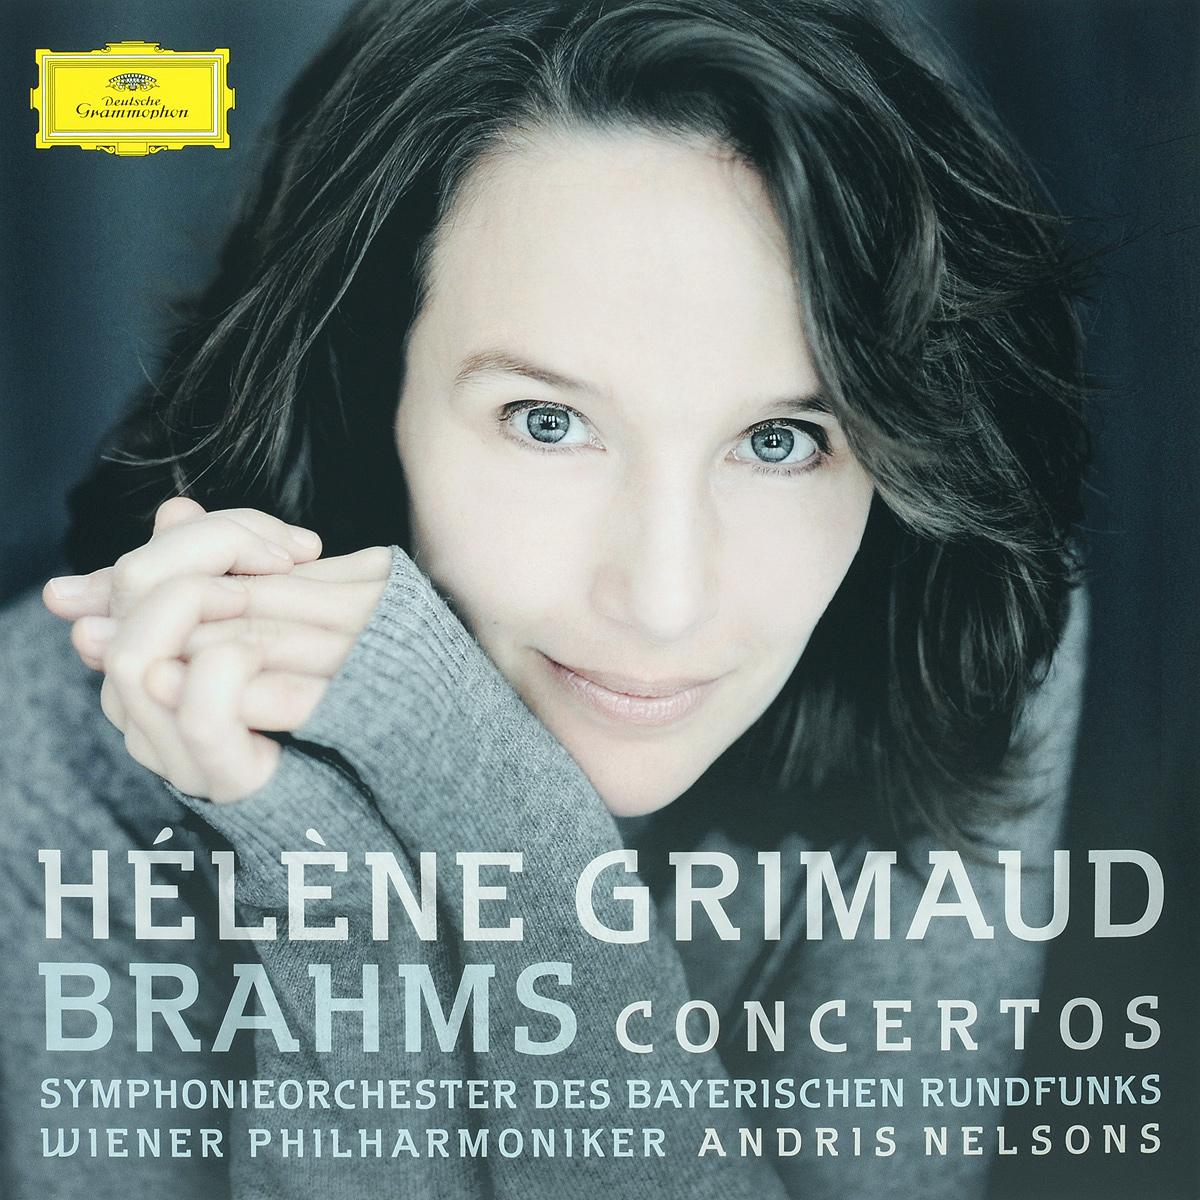 Helene Grimaud. Brahms Concertos (2 LP)